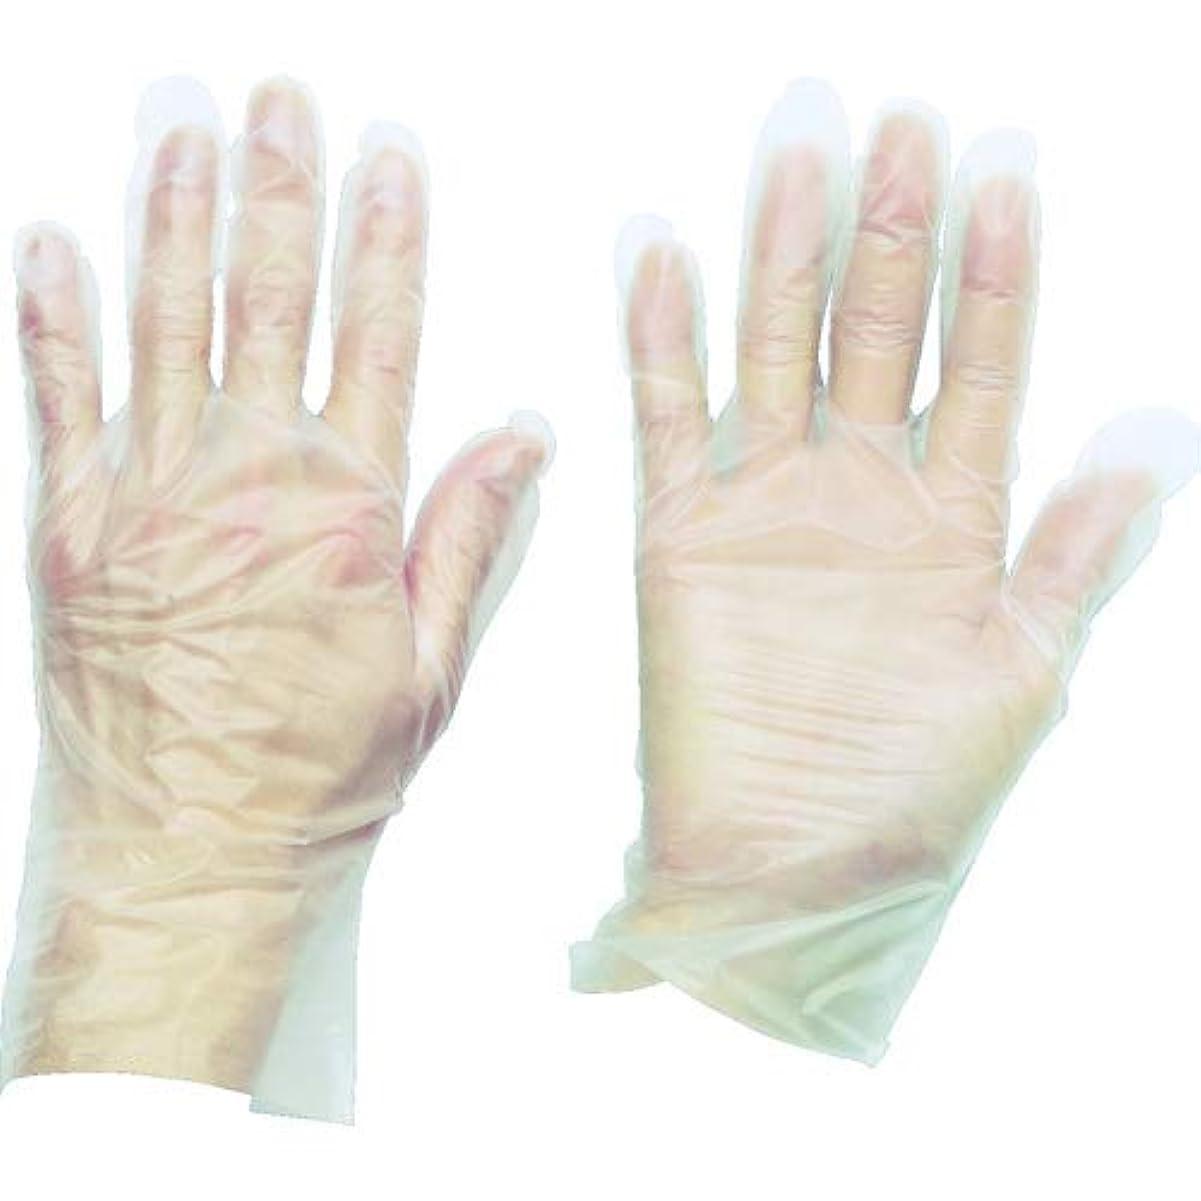 トラスコ中山 株 TRUSCO ポリエチレン 使い捨て手袋 ウェーブカットタイプS 100枚入 TGCPE025S